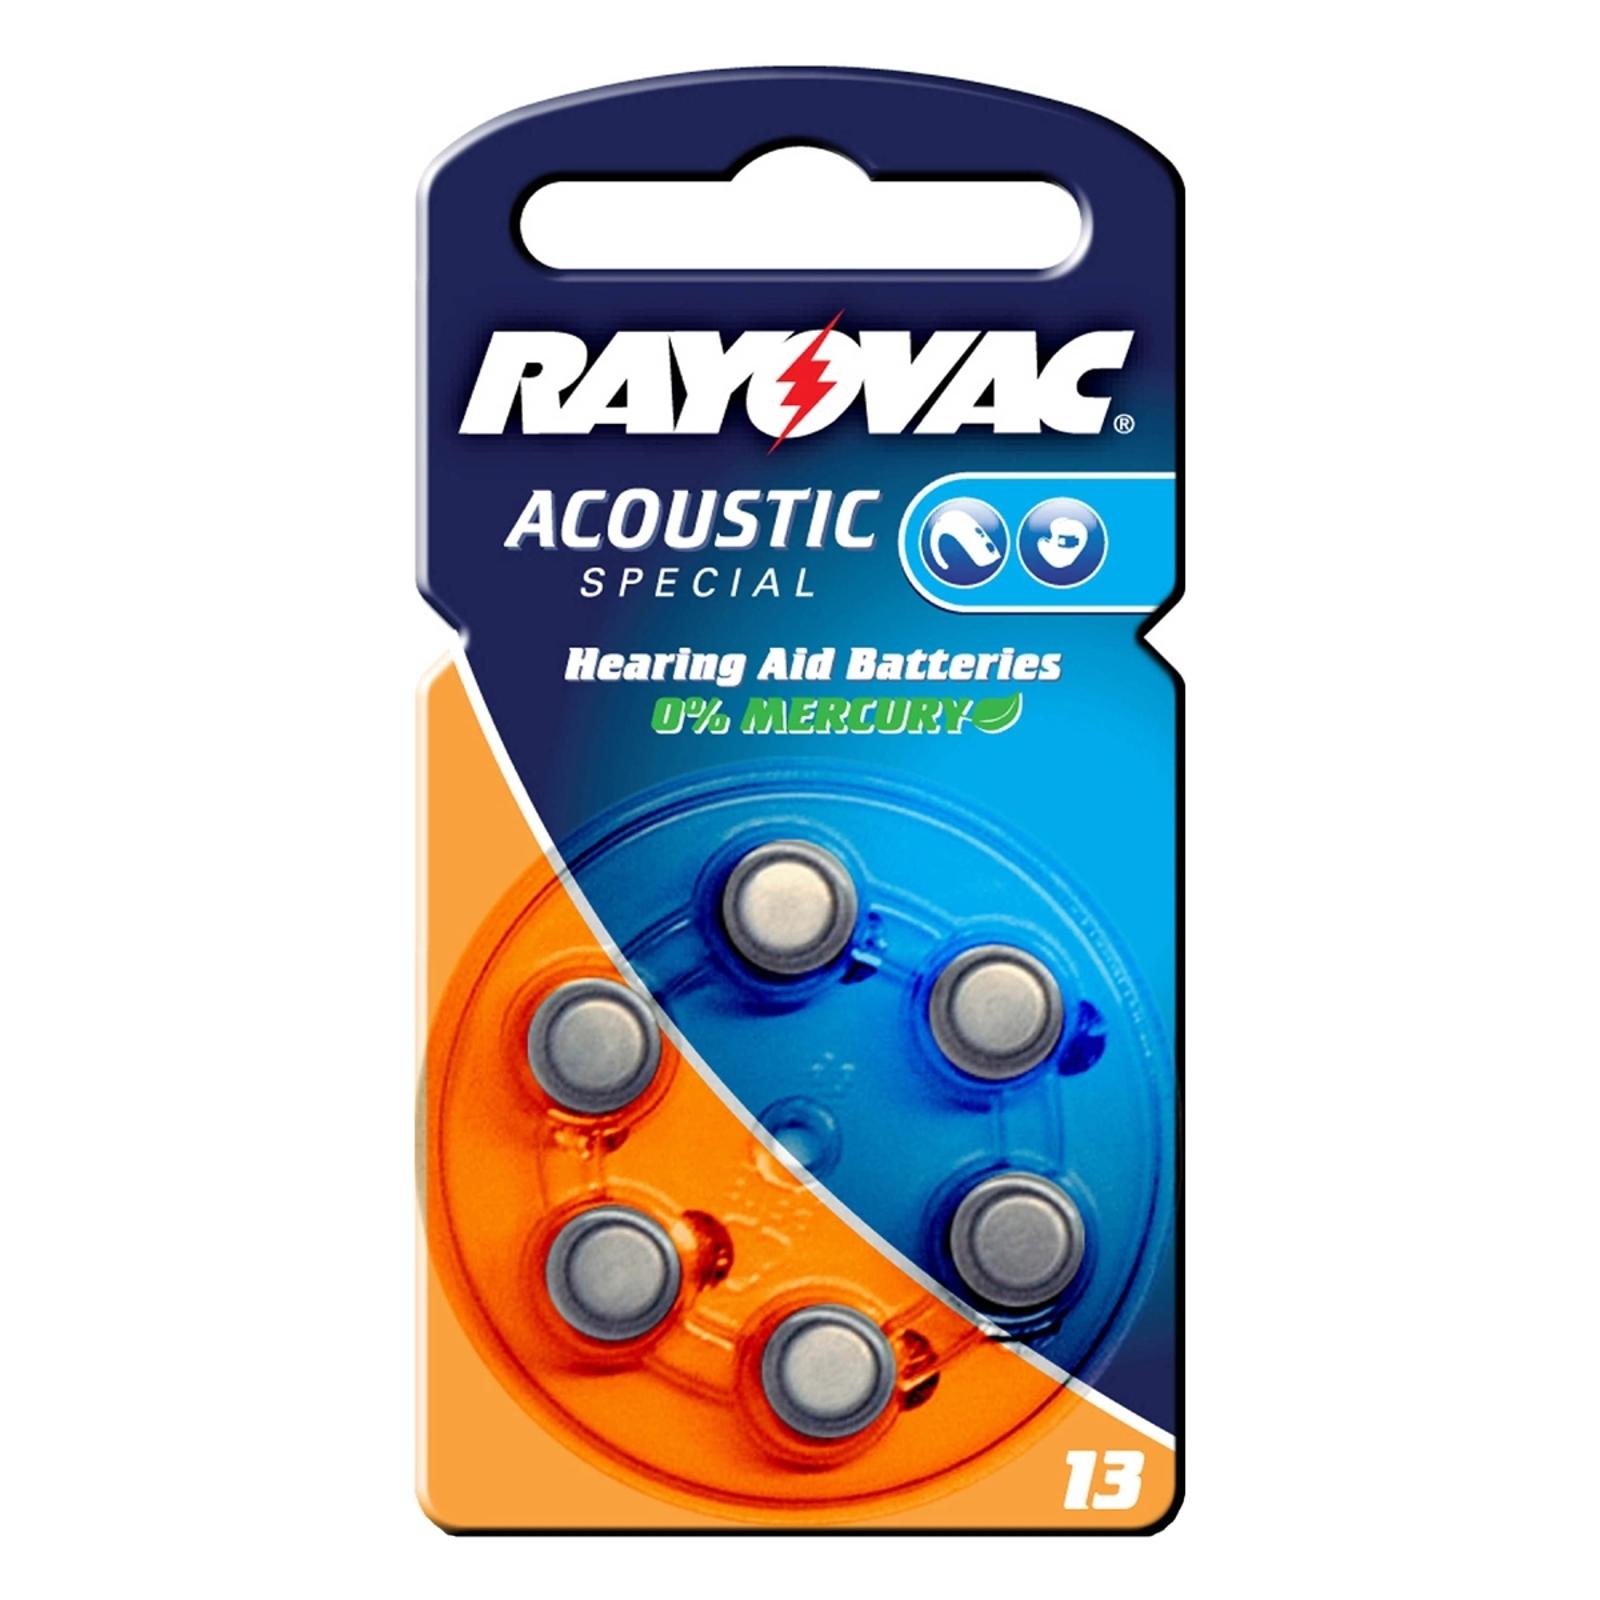 Acoustic 1,4 V, 310m/Ah nappiparisto Rayovac 13